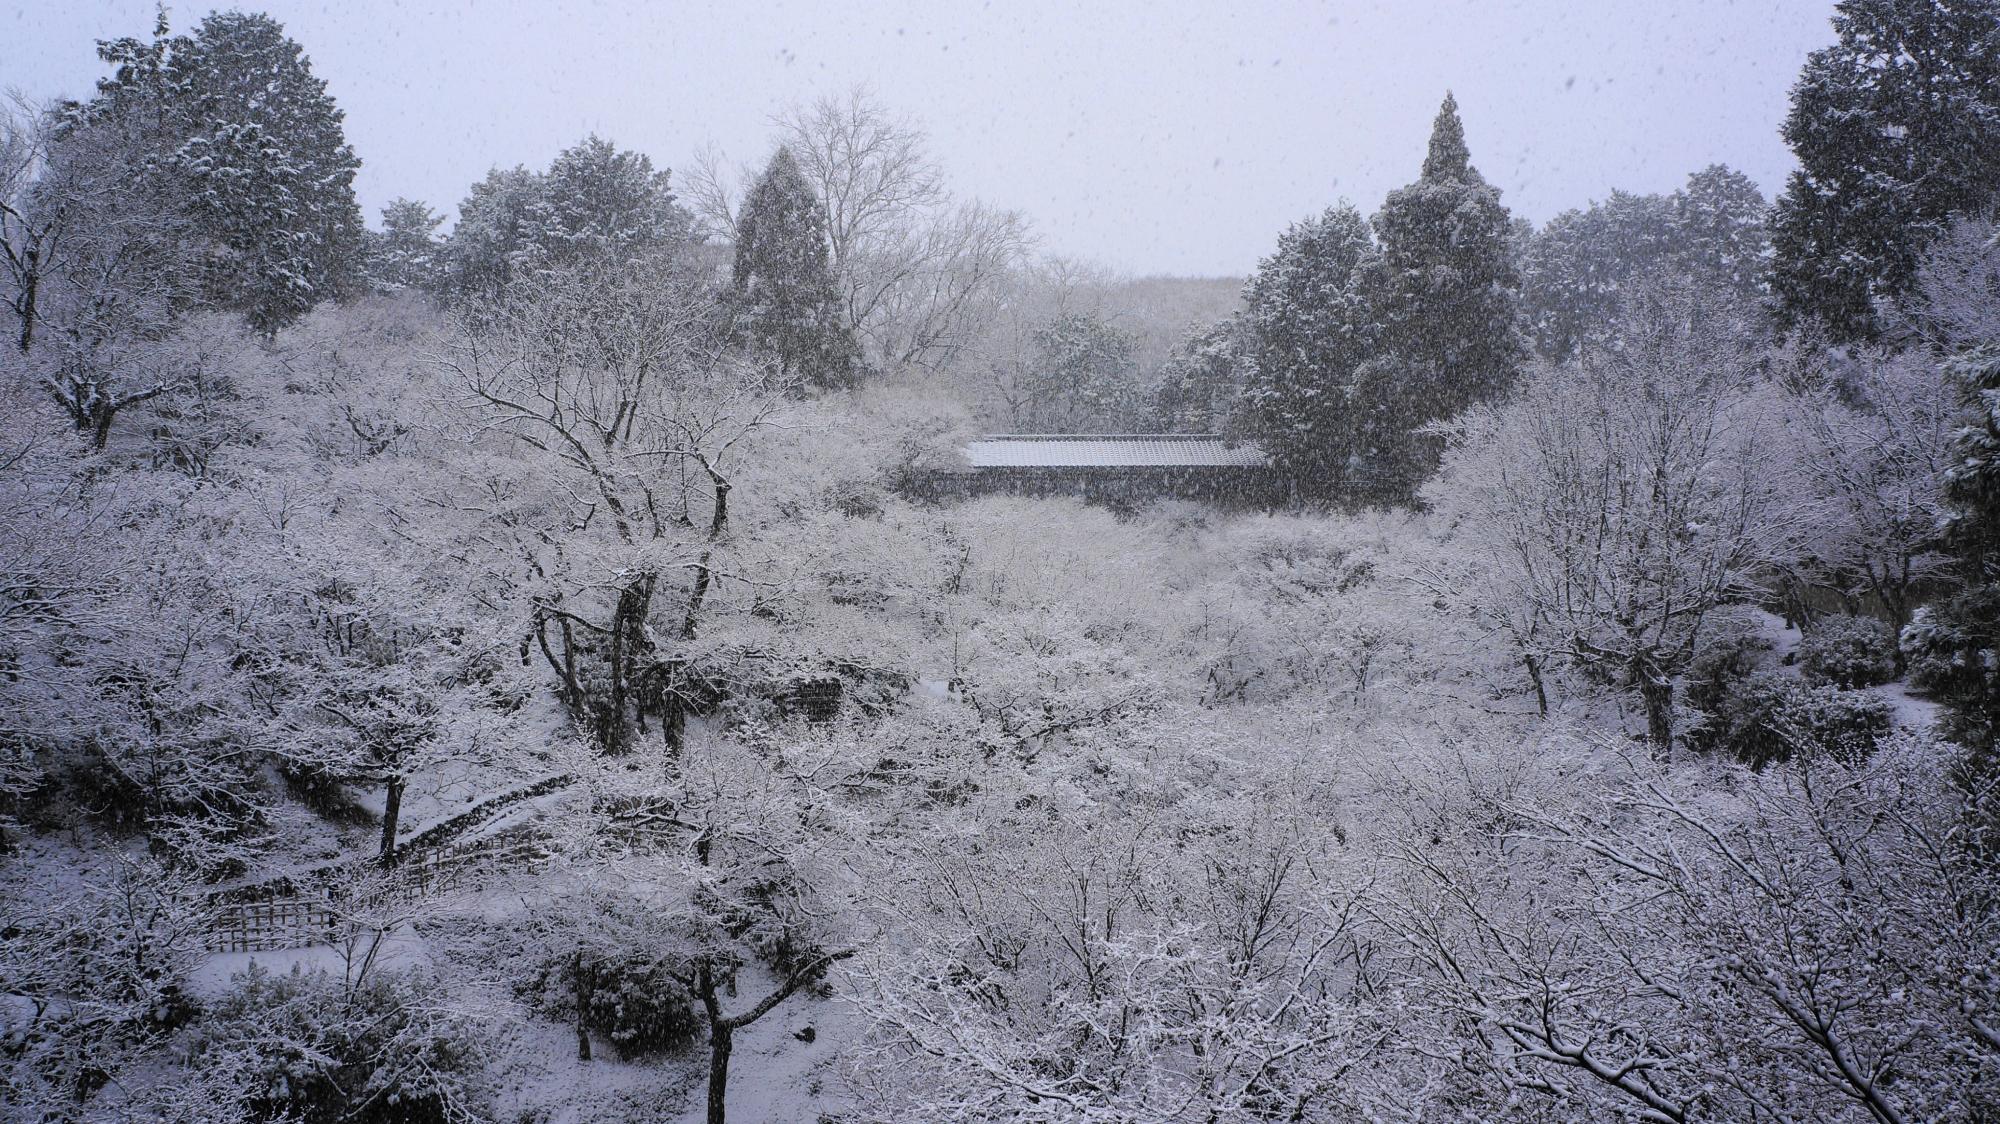 通天橋から眺めた臥雲橋ともみじの雪景色